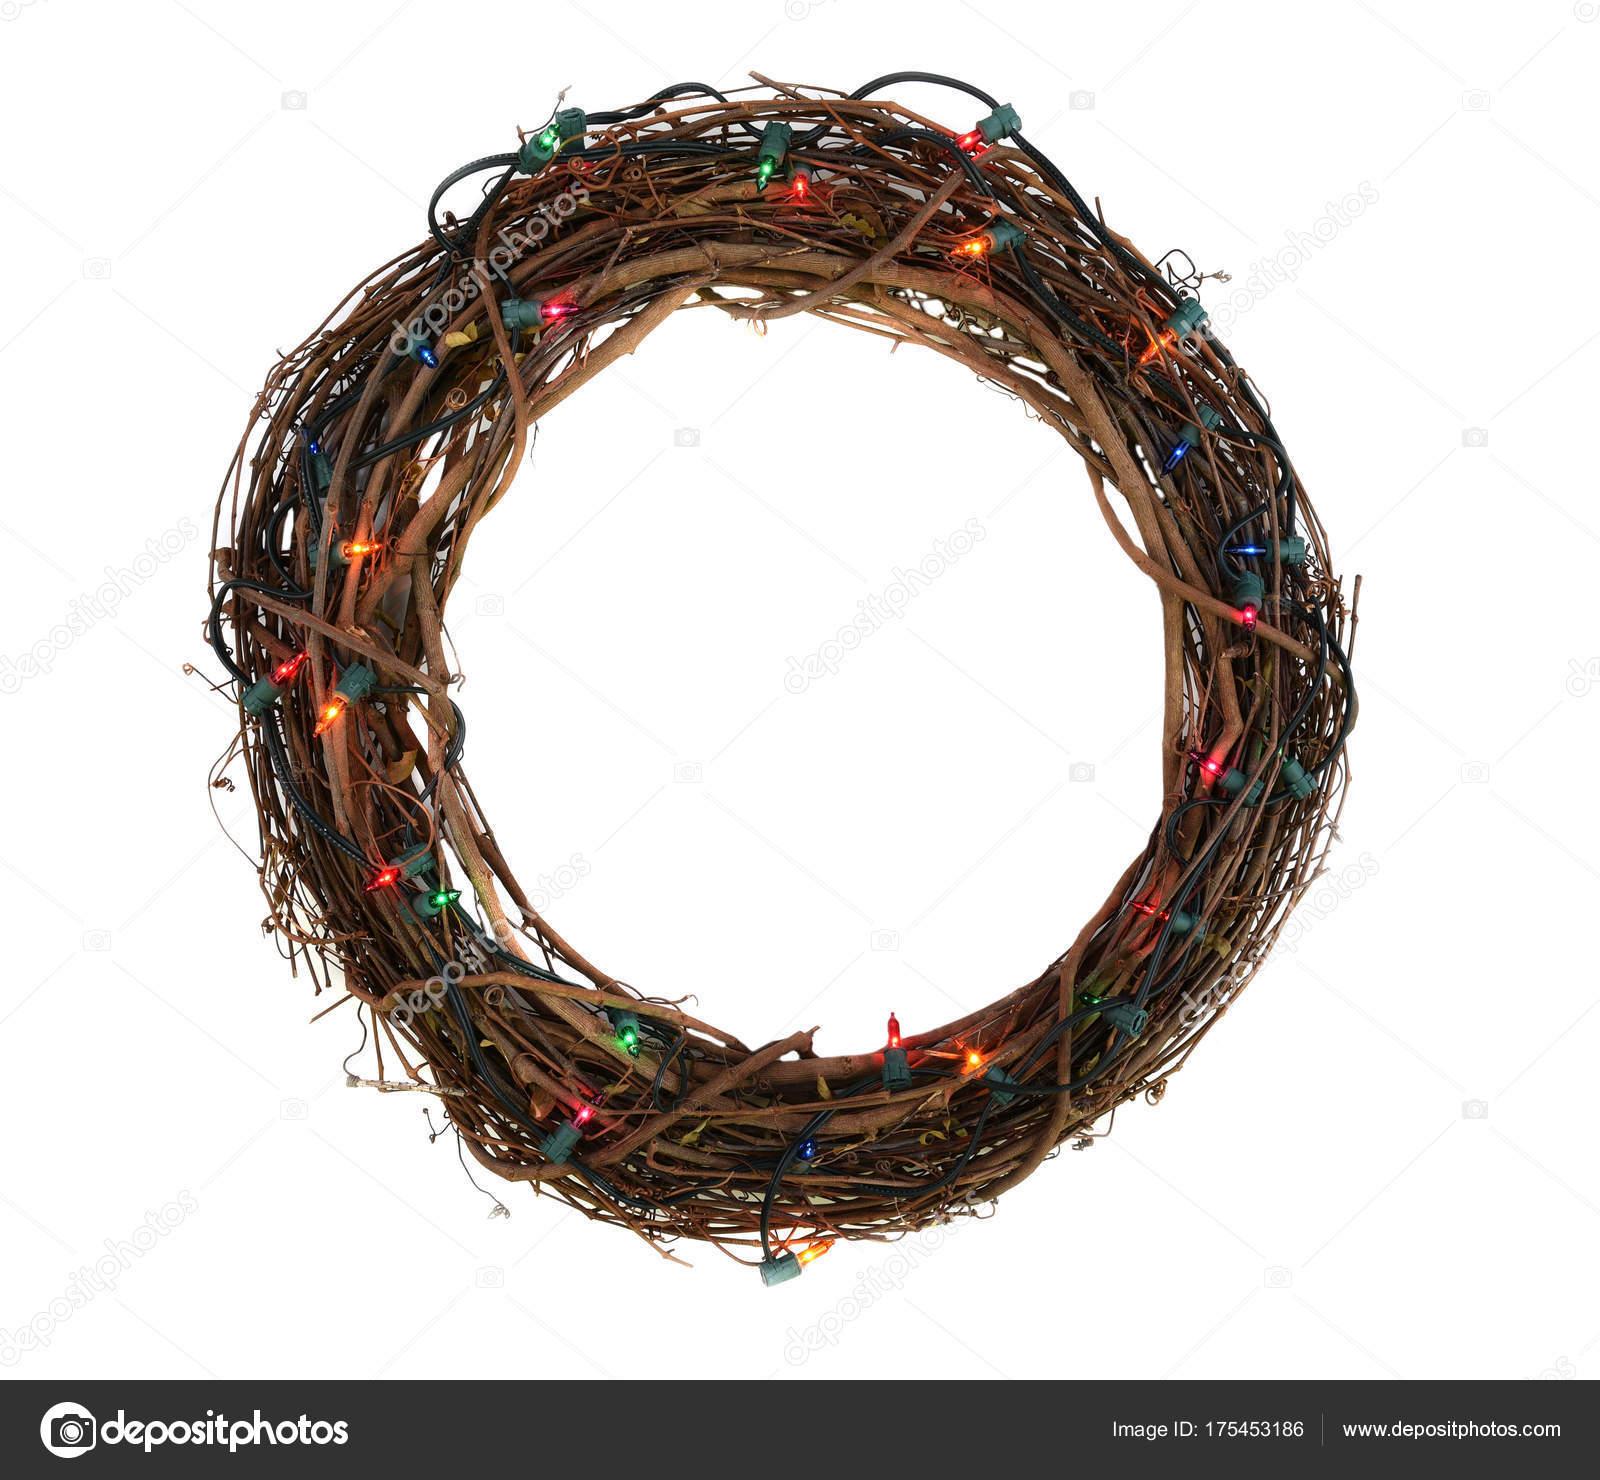 https://st3.depositphotos.com/1006214/17545/i/1600/depositphotos_175453186-stockafbeelding-twig-kerst-krans-met-verlichting.jpg